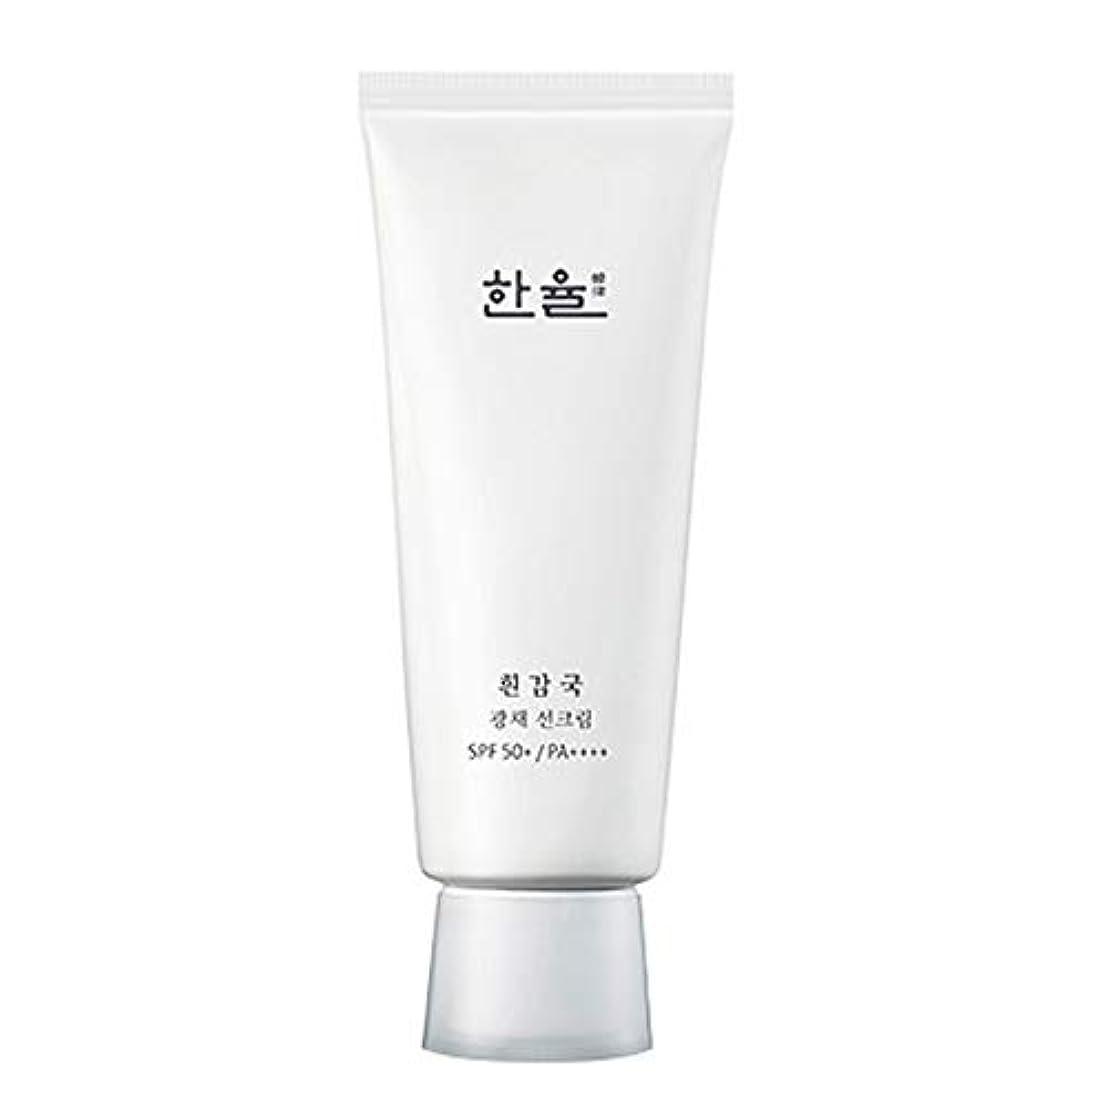 ガウンバレーボール気づくなる[HANYUL] ハンユル 白いガムグク輝きサンクリーム 70ml SPF50+ PA++++ White Chrysanthemum Radiance Sunscreen cream